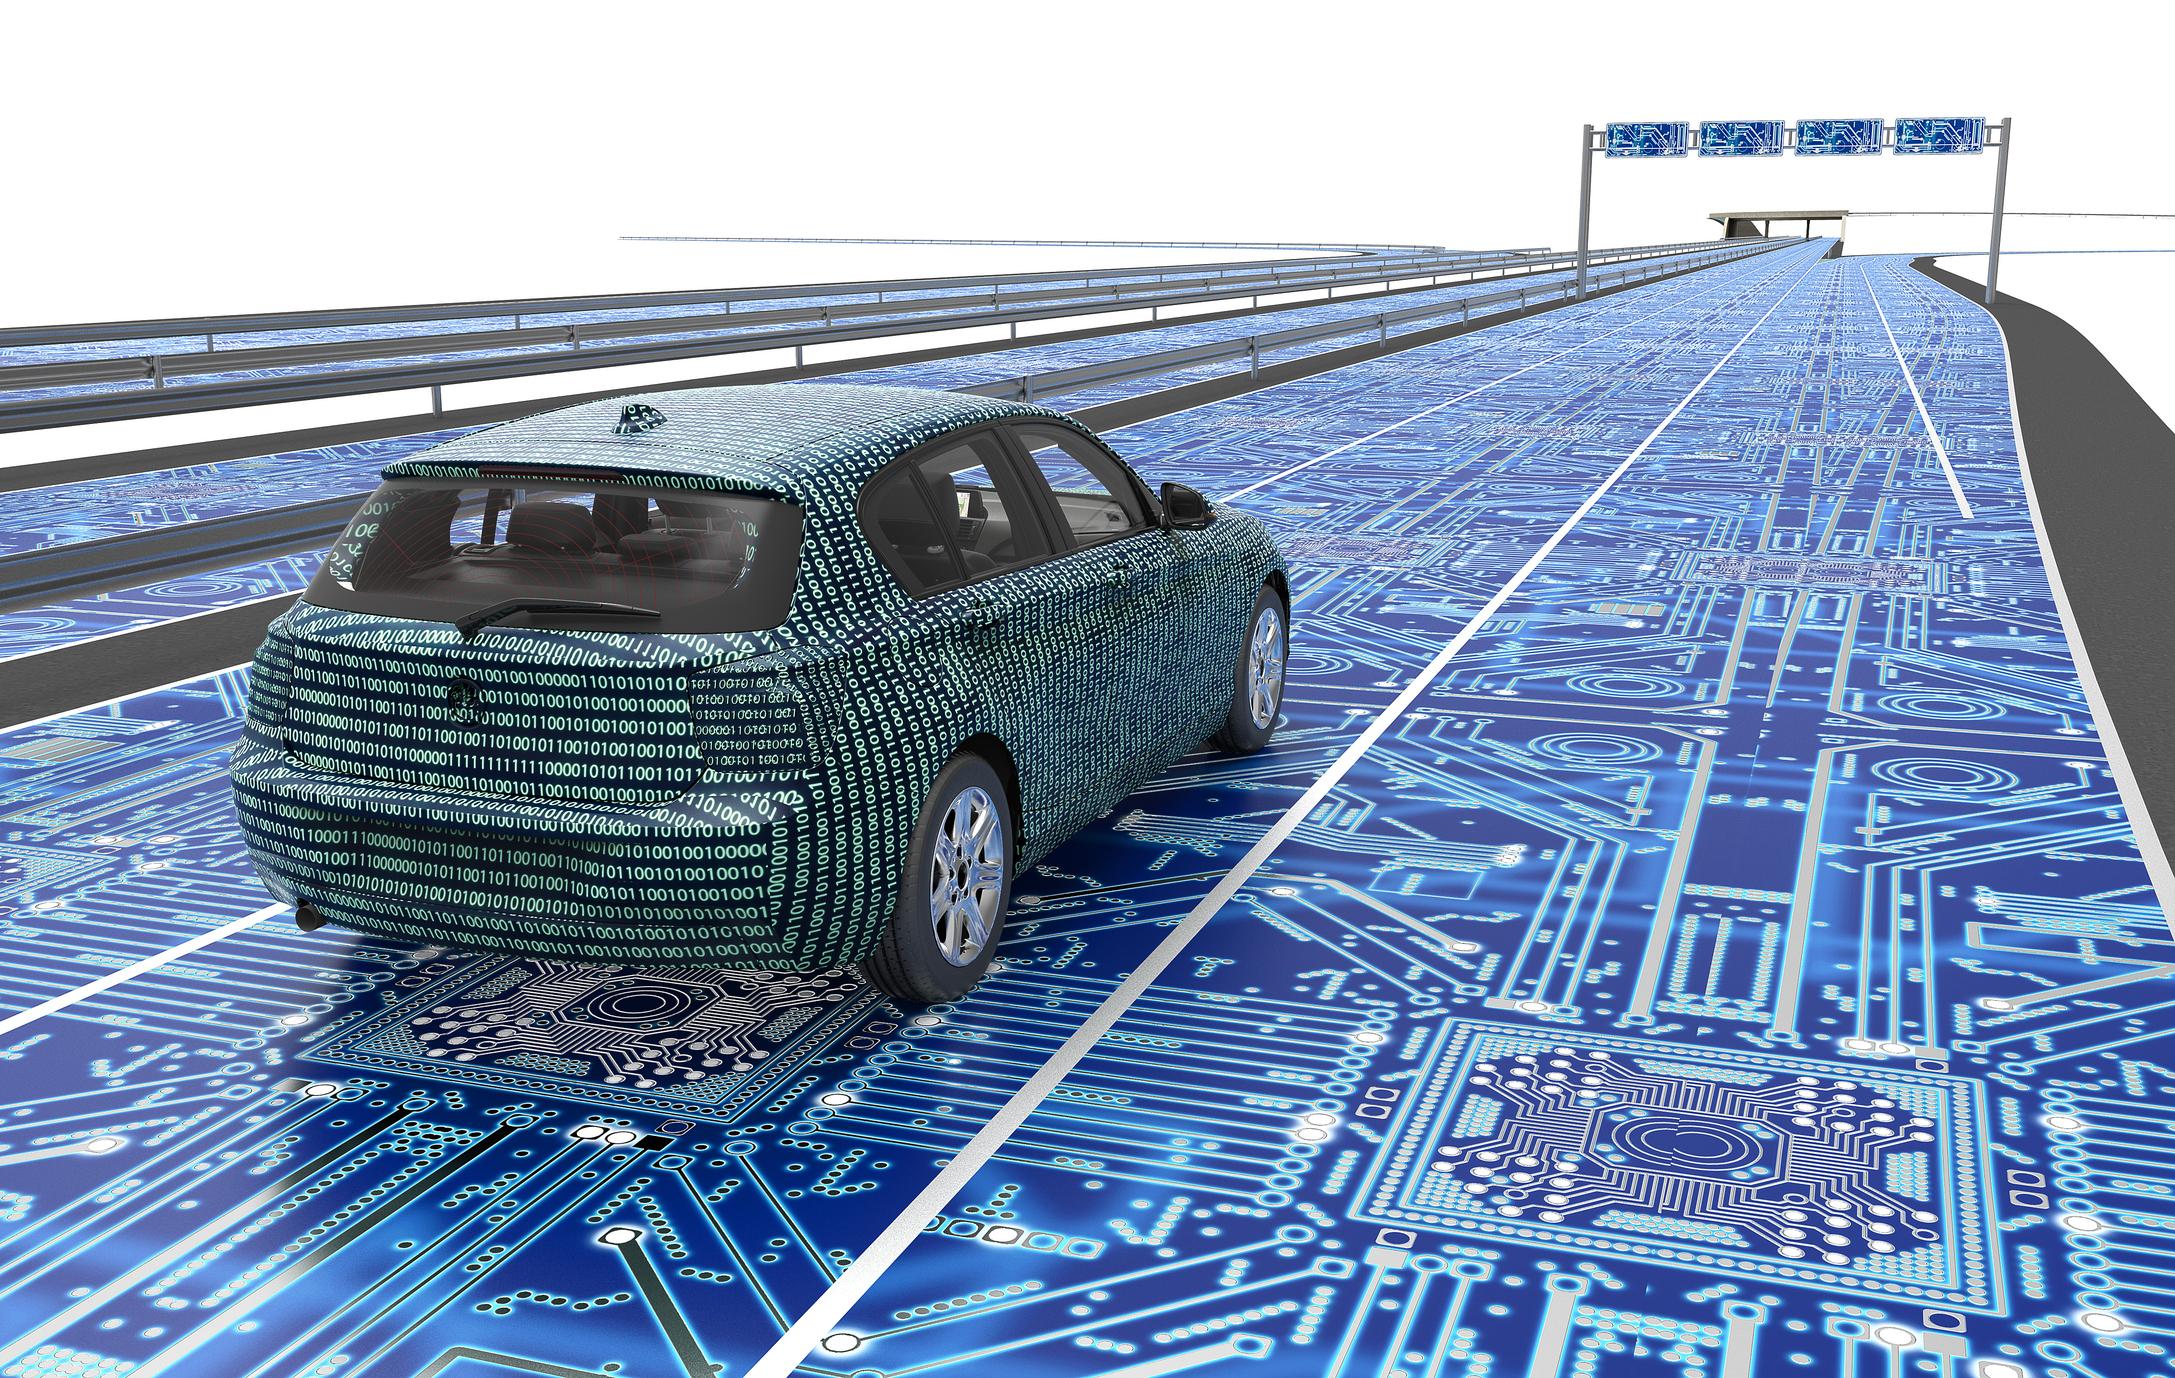 Car in high-tech world.